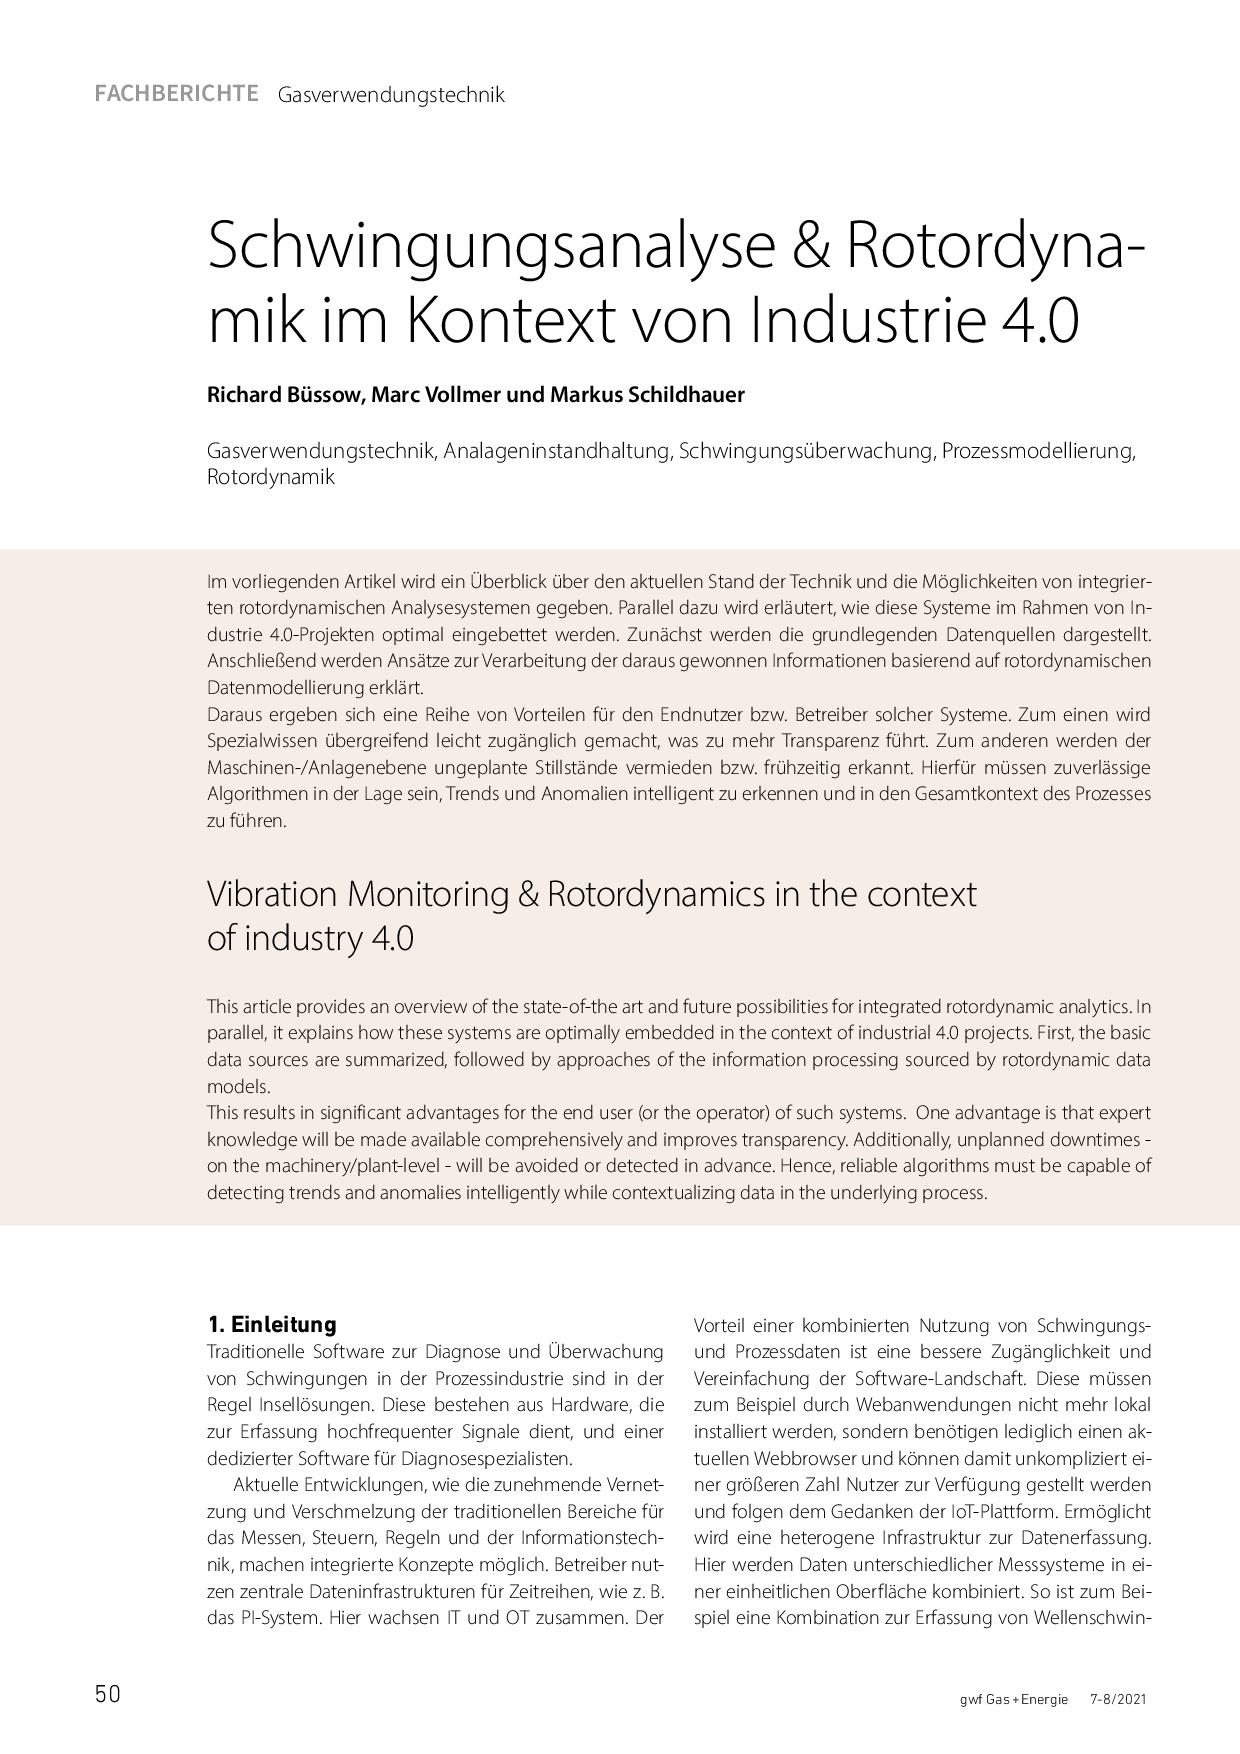 Schwingungsanalyse & Rotordynamik im Kontext von Industrie 4.0